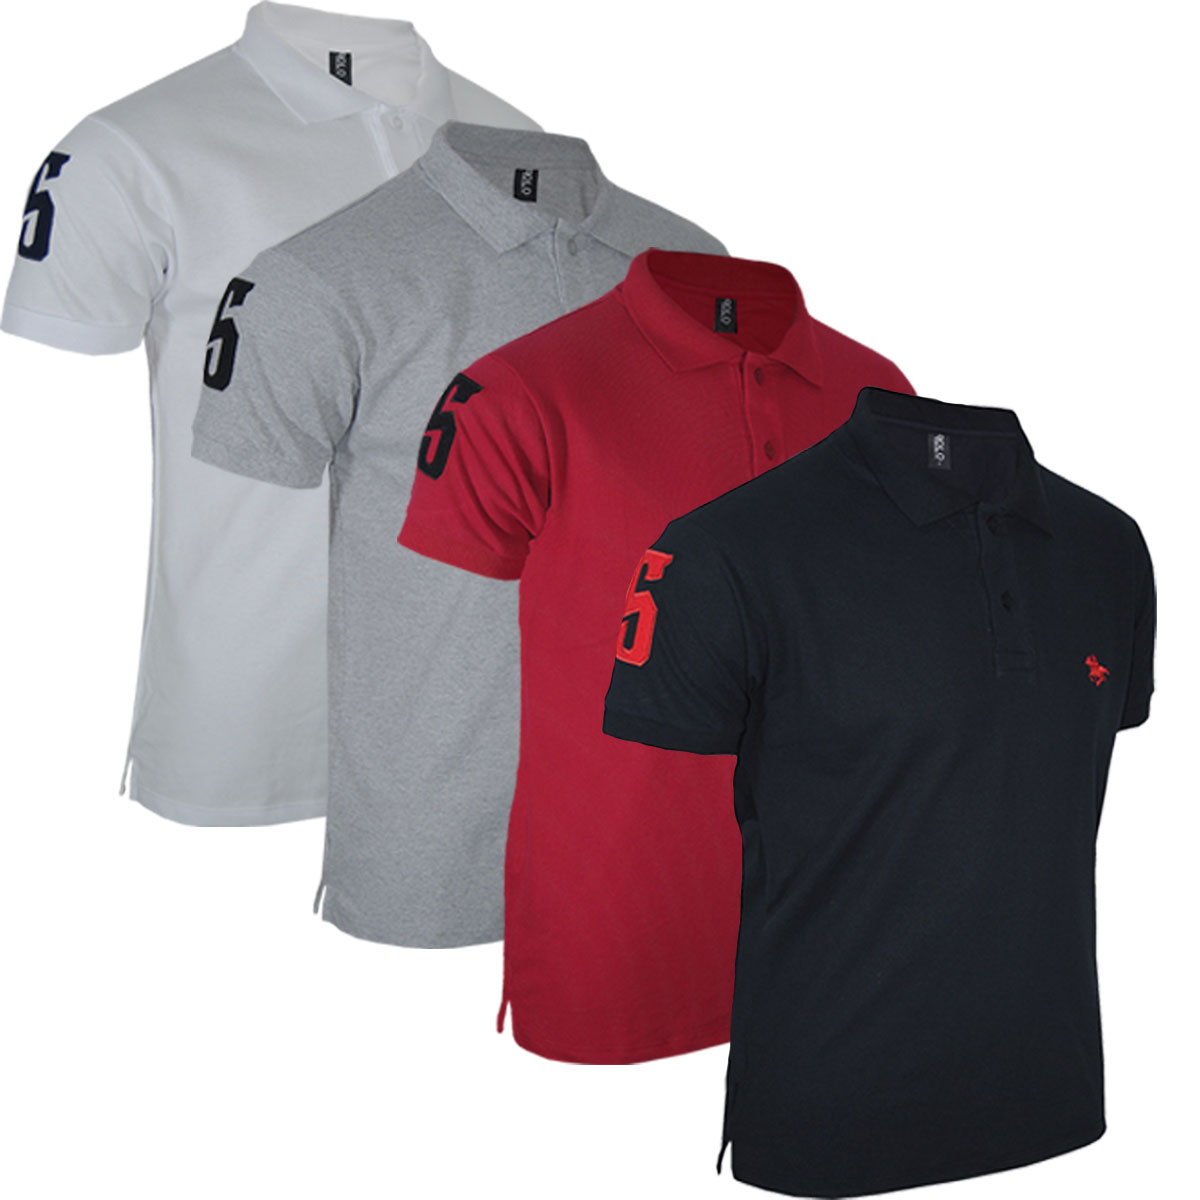 Kit 04 Camisas Camisetas  Gola Polo Masculina